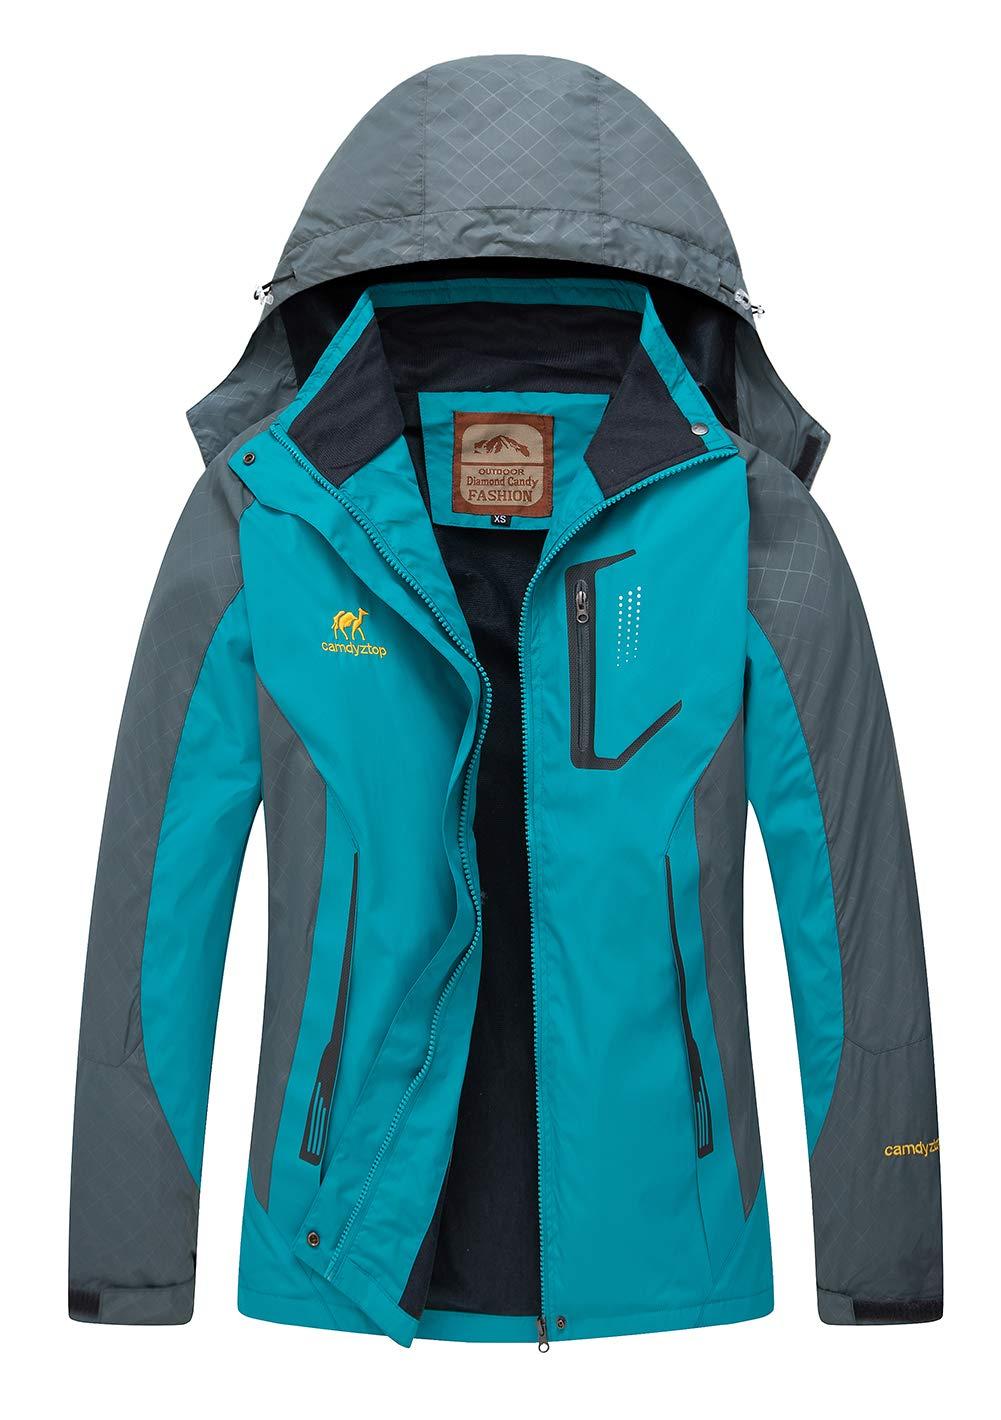 bluee Diamond Candy Hooded Waterproof Jacket Softshell Women Sportswear